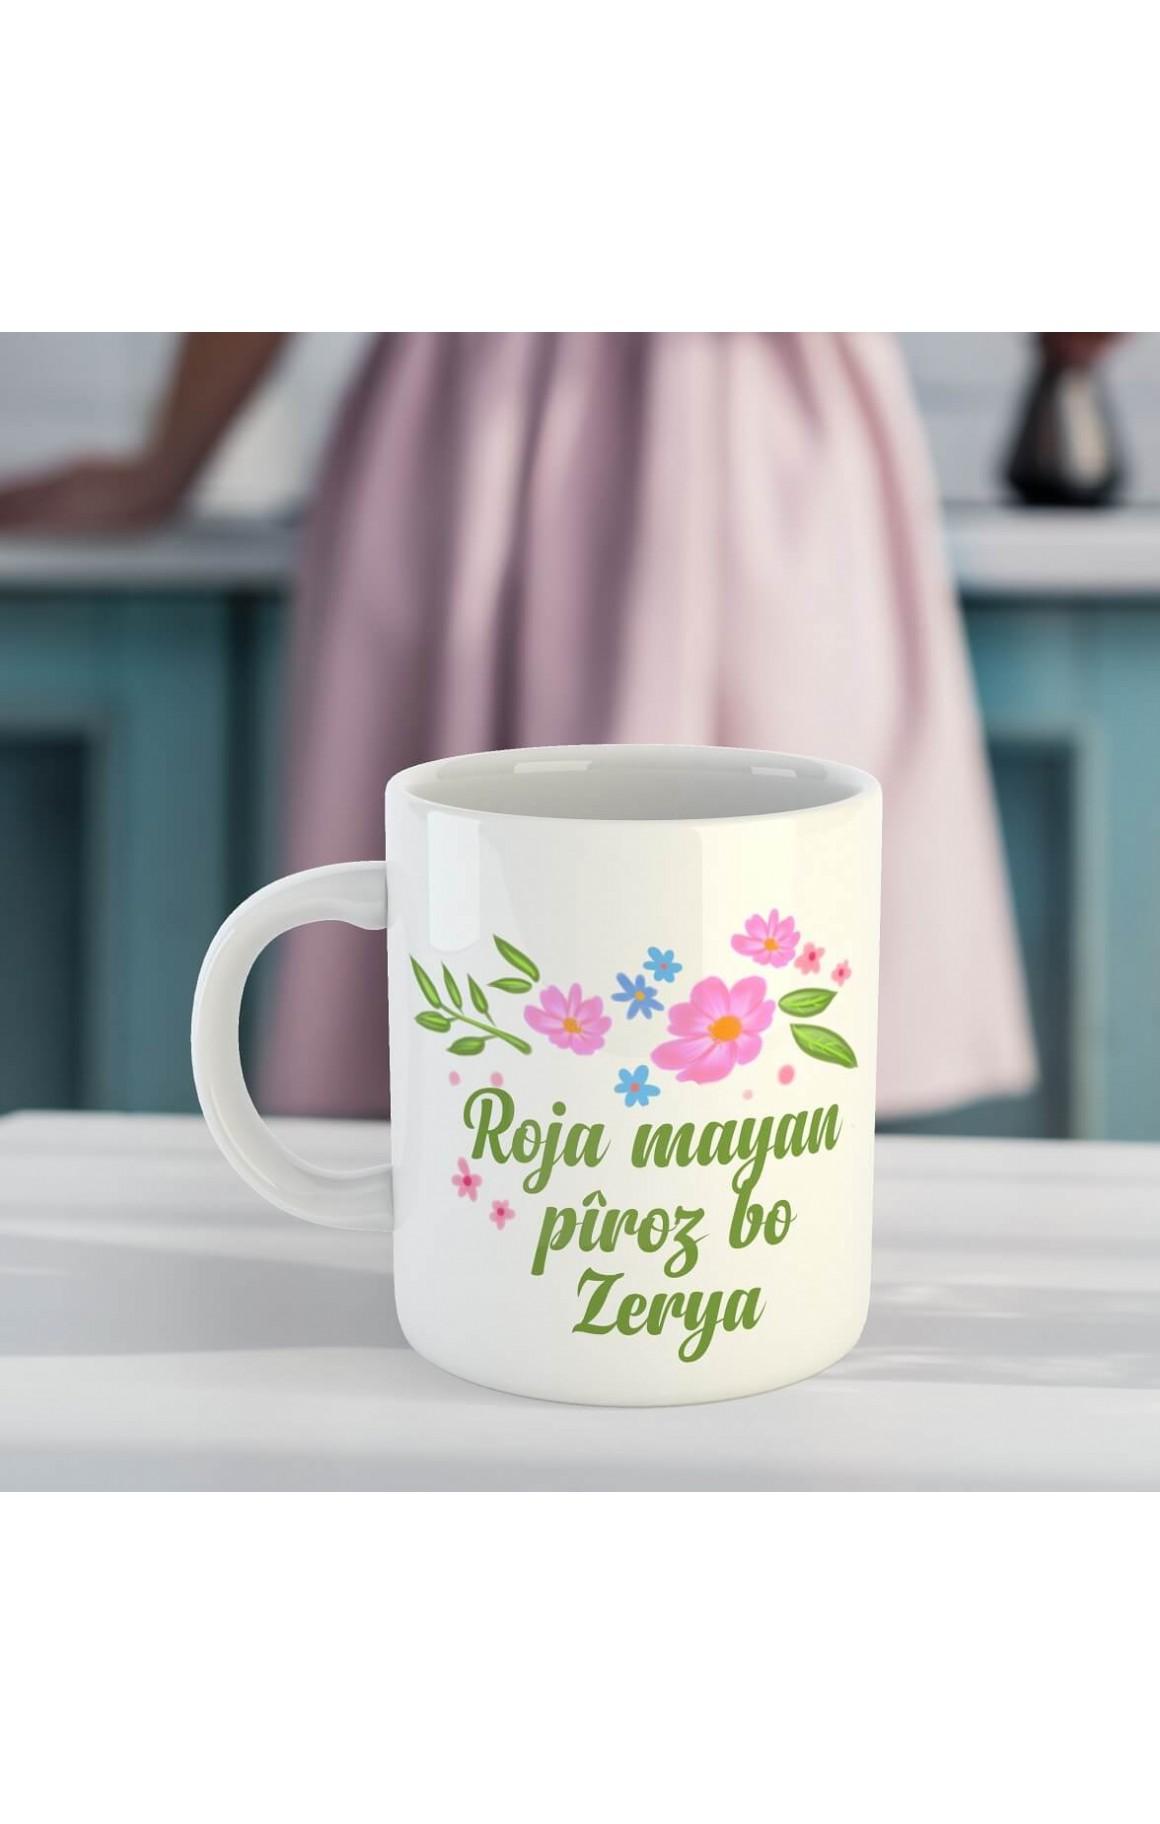 Anneler Gününe Özel İsimli Porselen Kupa - Zazakî